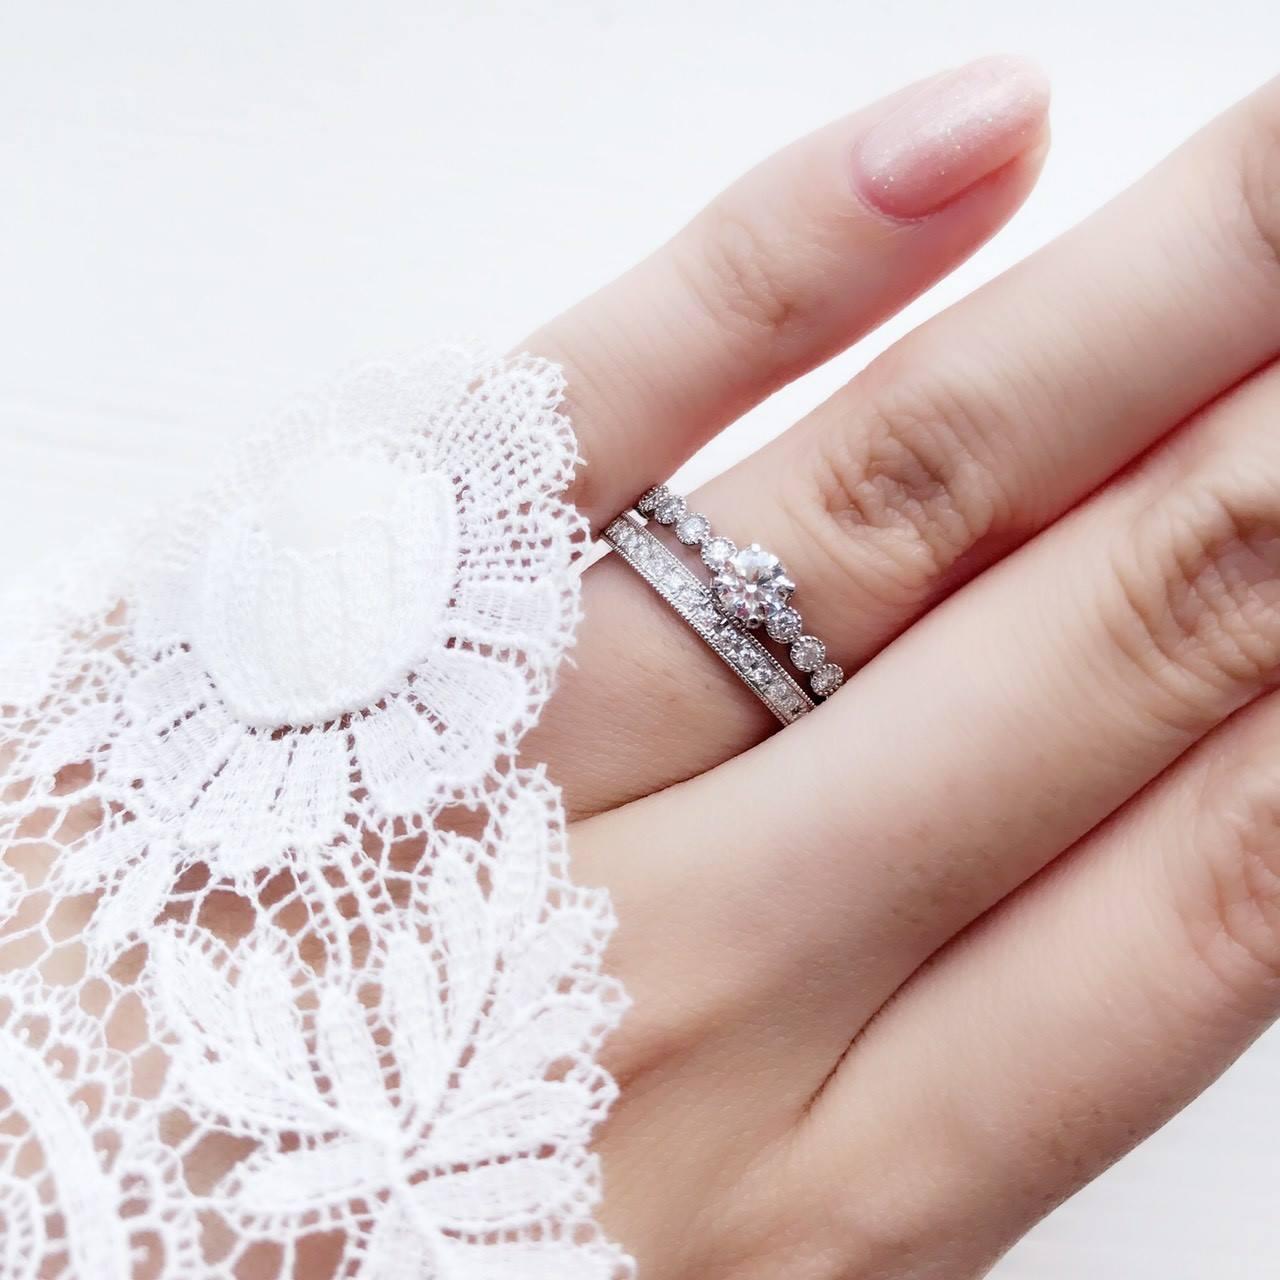 アンティークなミルグレイン加工のメレダイヤモンドまで最高にエレガントなプラチナの婚約指輪、結婚指輪